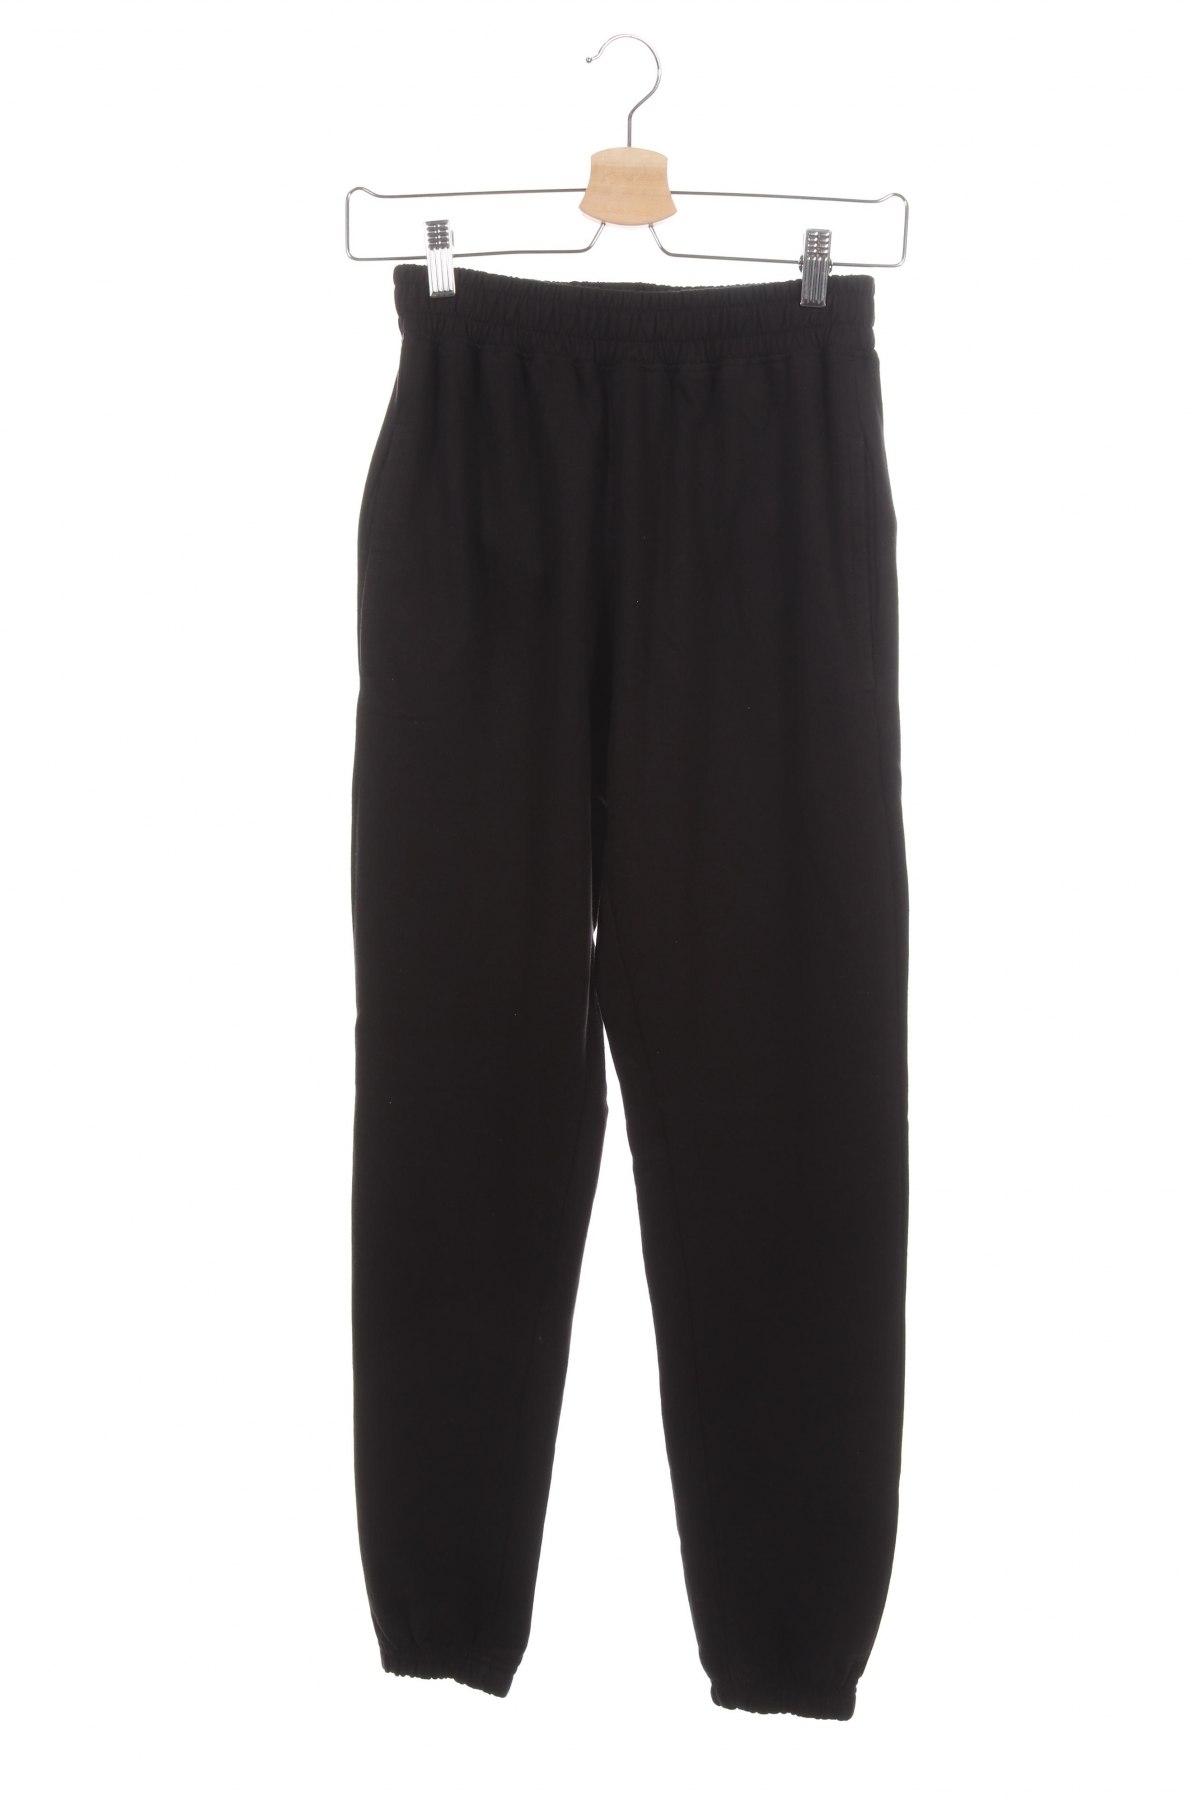 Дамско спортно долнище Missguided, Размер XS, Цвят Черен, 60% памук, 40% полиестер, Цена 18,48лв.